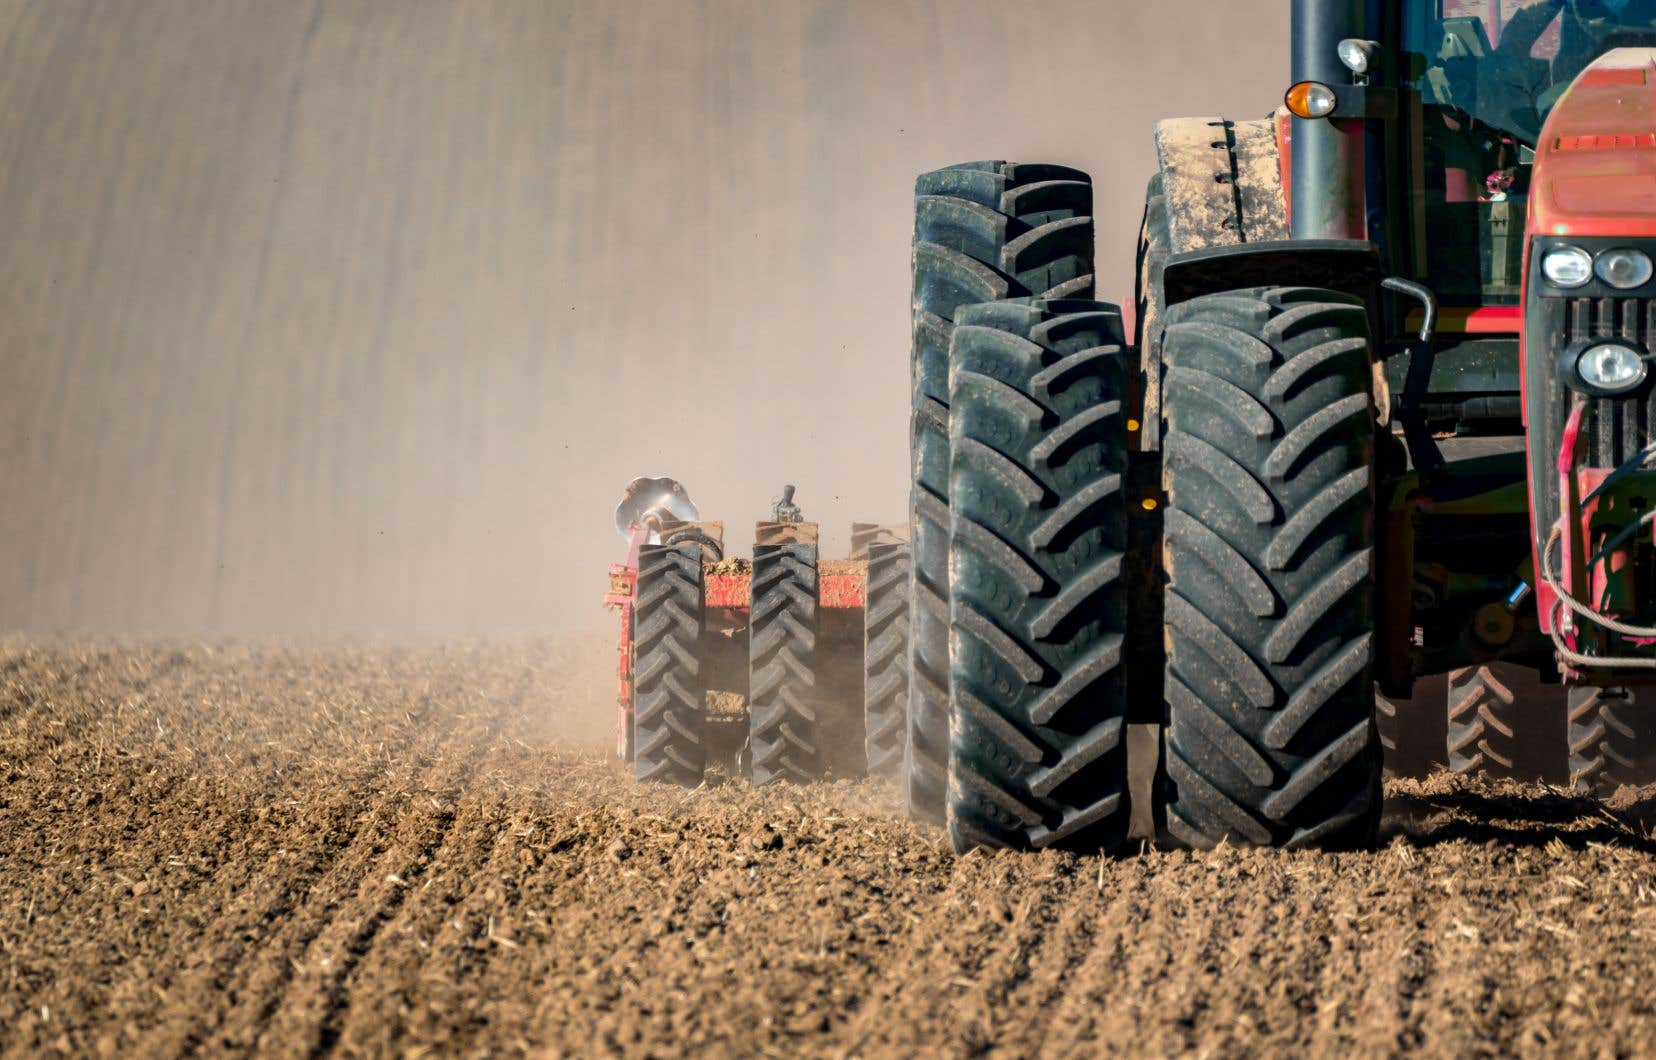 L'analyse du modèle d'affaires de la société conclut qu'«une étude plus approfondie serait nécessaire pour déterminer si Pangea a réellement un effet à la hausse sur la valeur des terres agricoles».